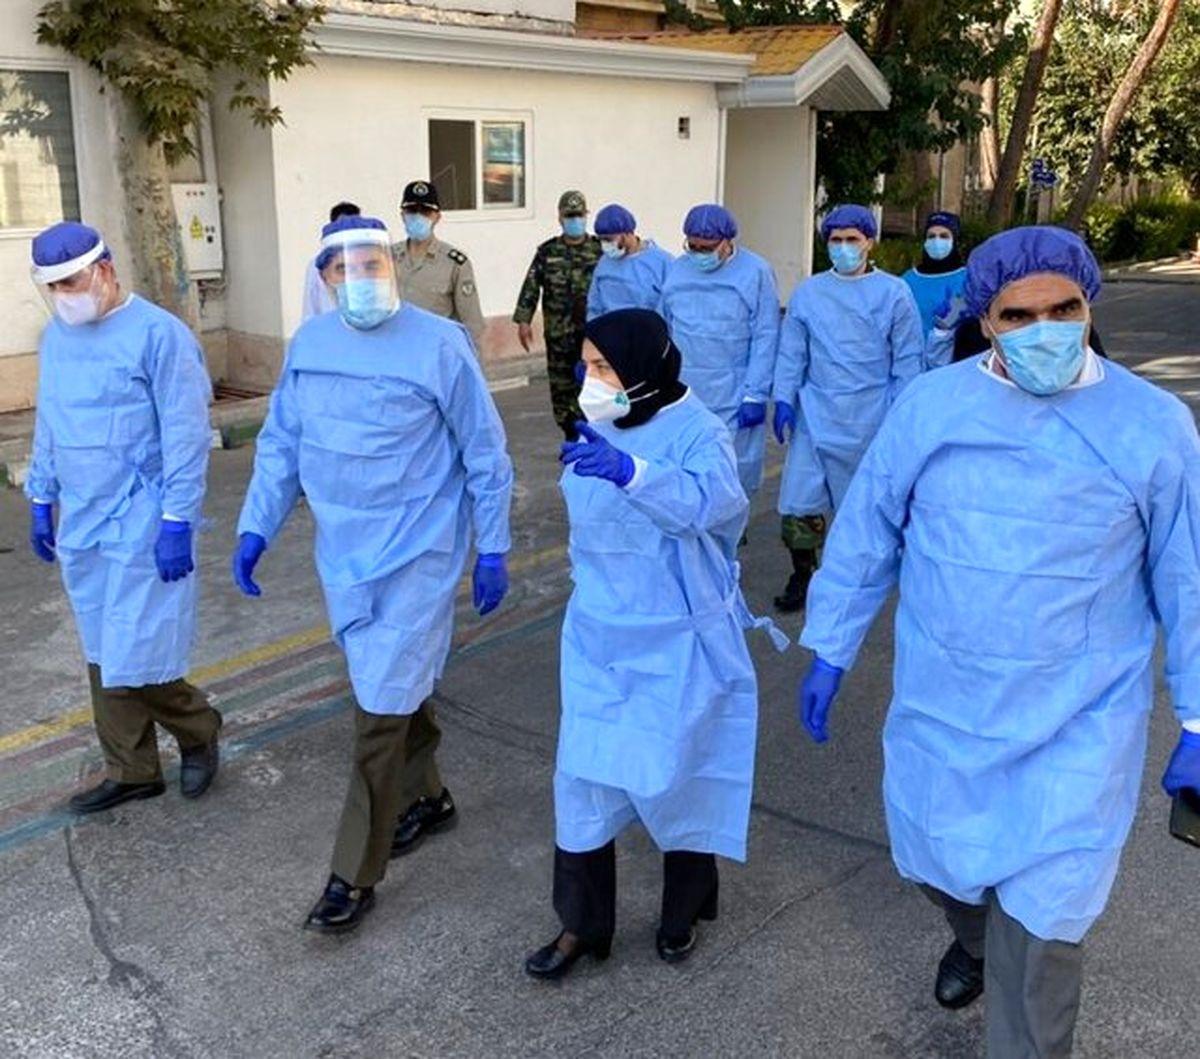 امیر سرتیپ حیدری از بخش های مختلف بیماران بیمارستان هاجر بازدید کرد